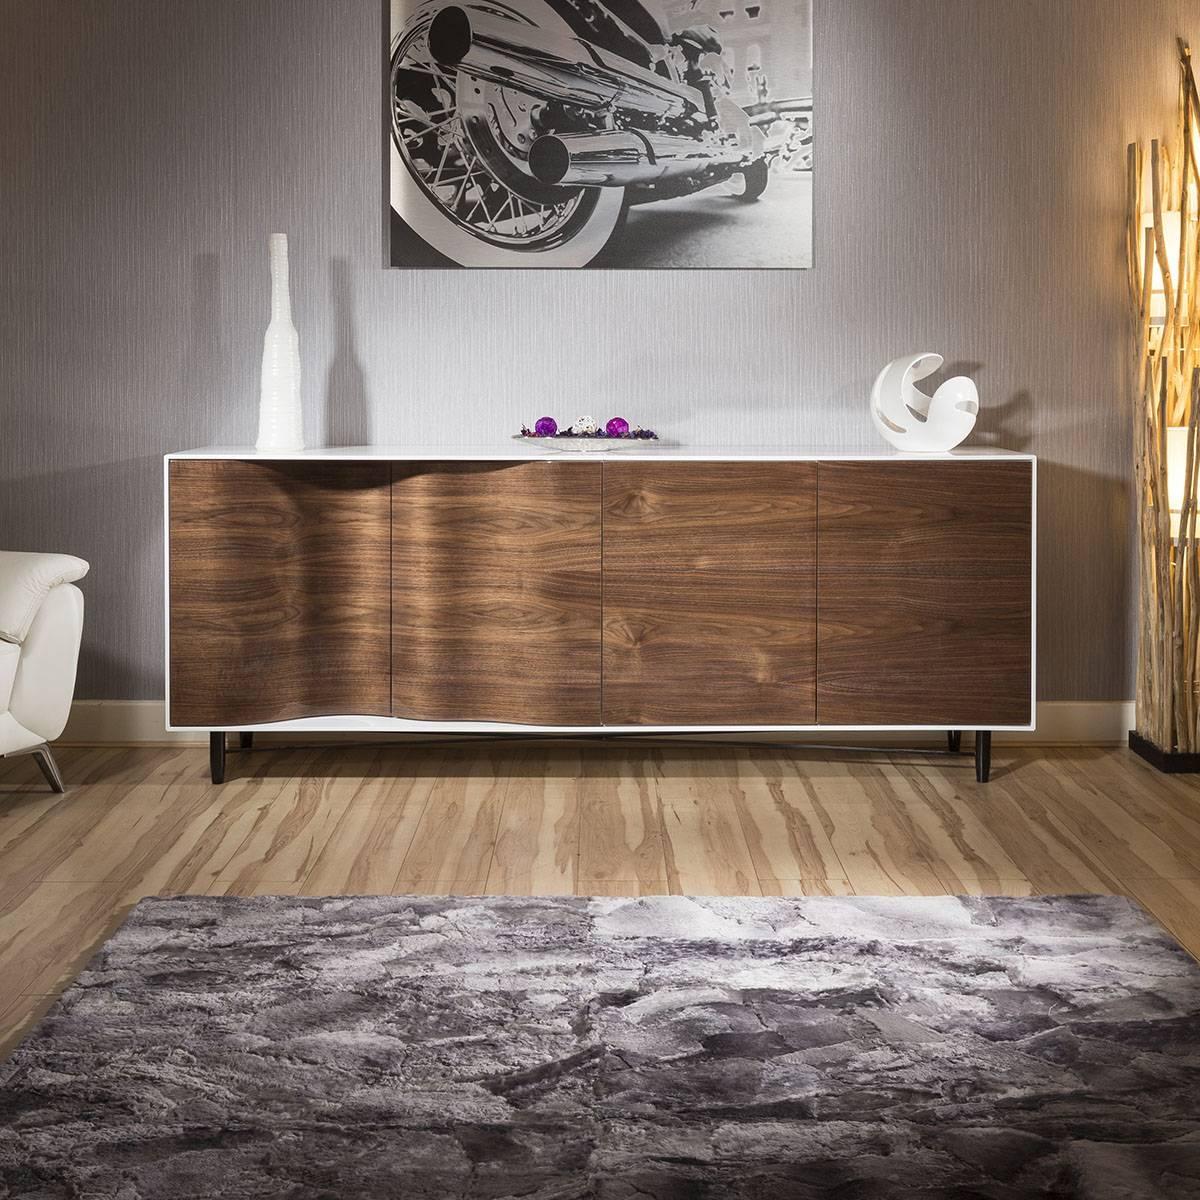 20 best ideas of large modern sideboard. Black Bedroom Furniture Sets. Home Design Ideas